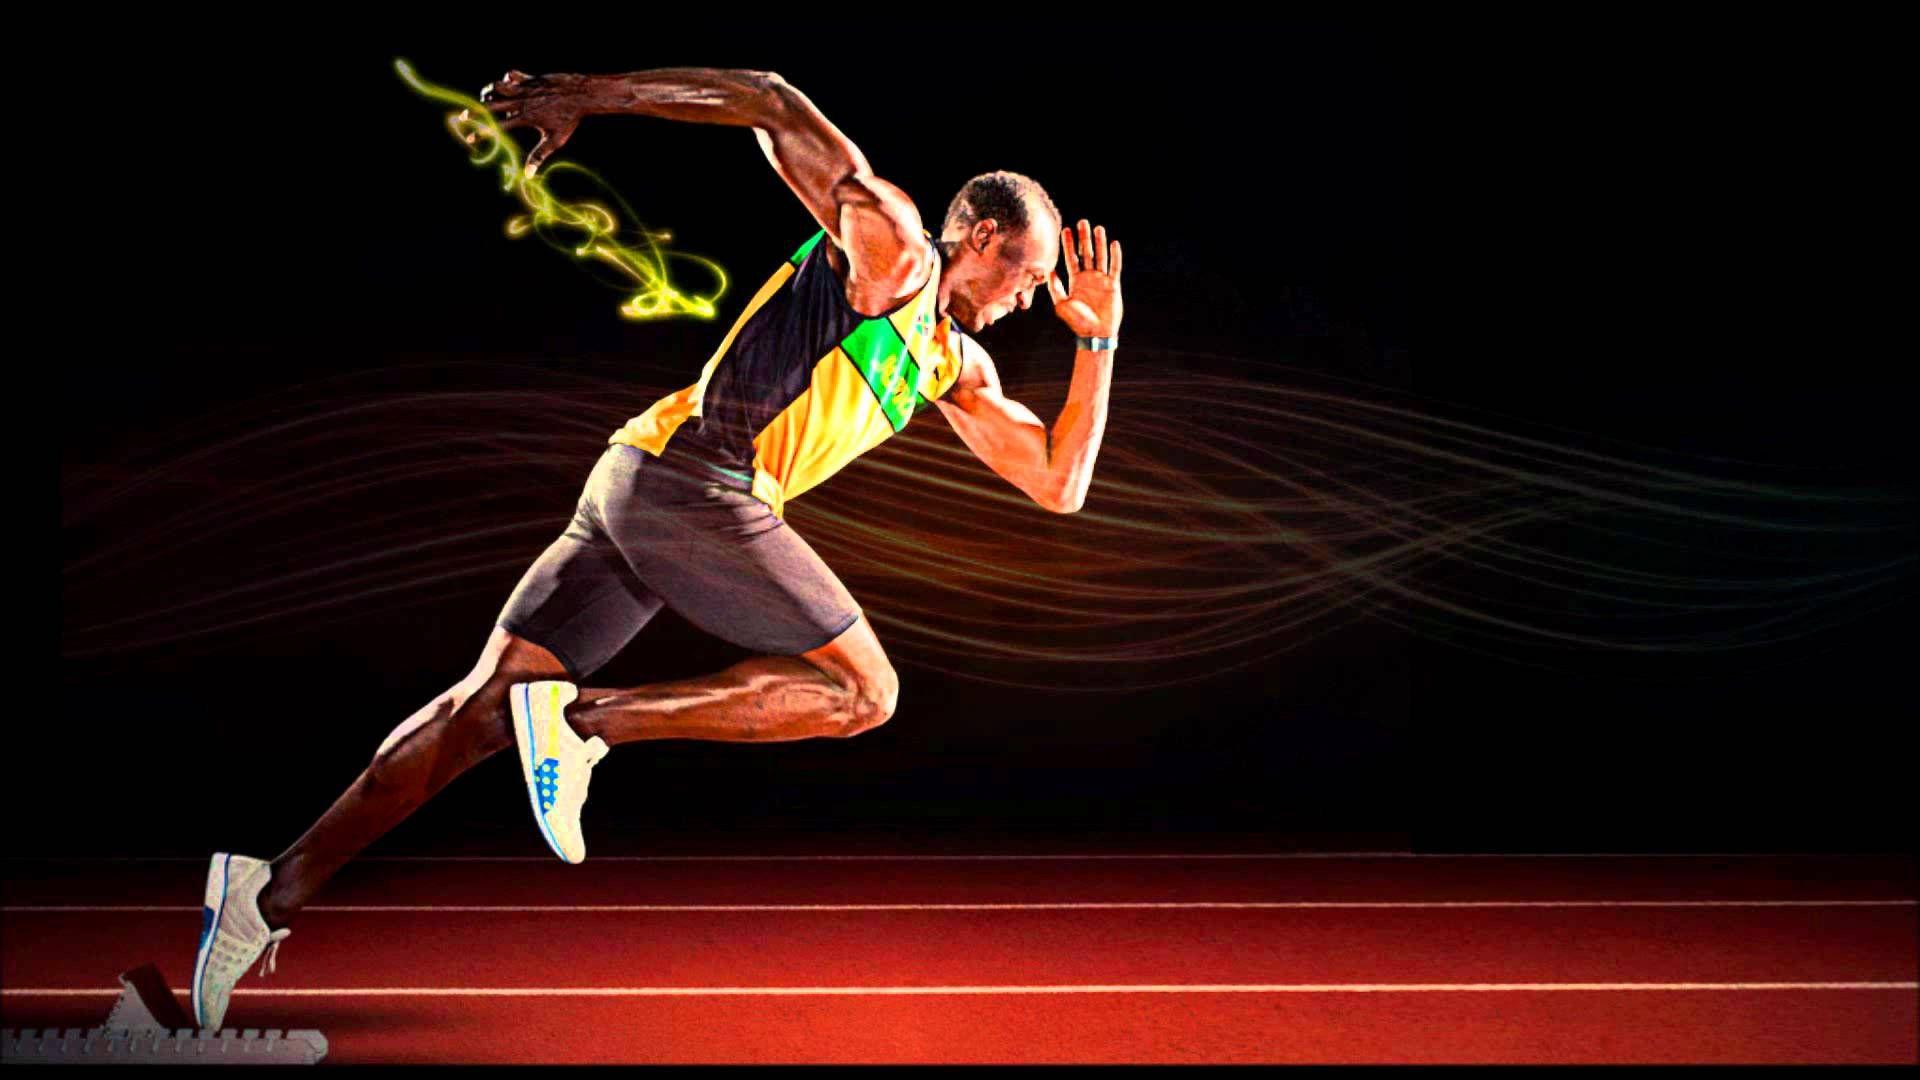 Usain Bolt HD Wallpapers Backgrounds Wallpaper